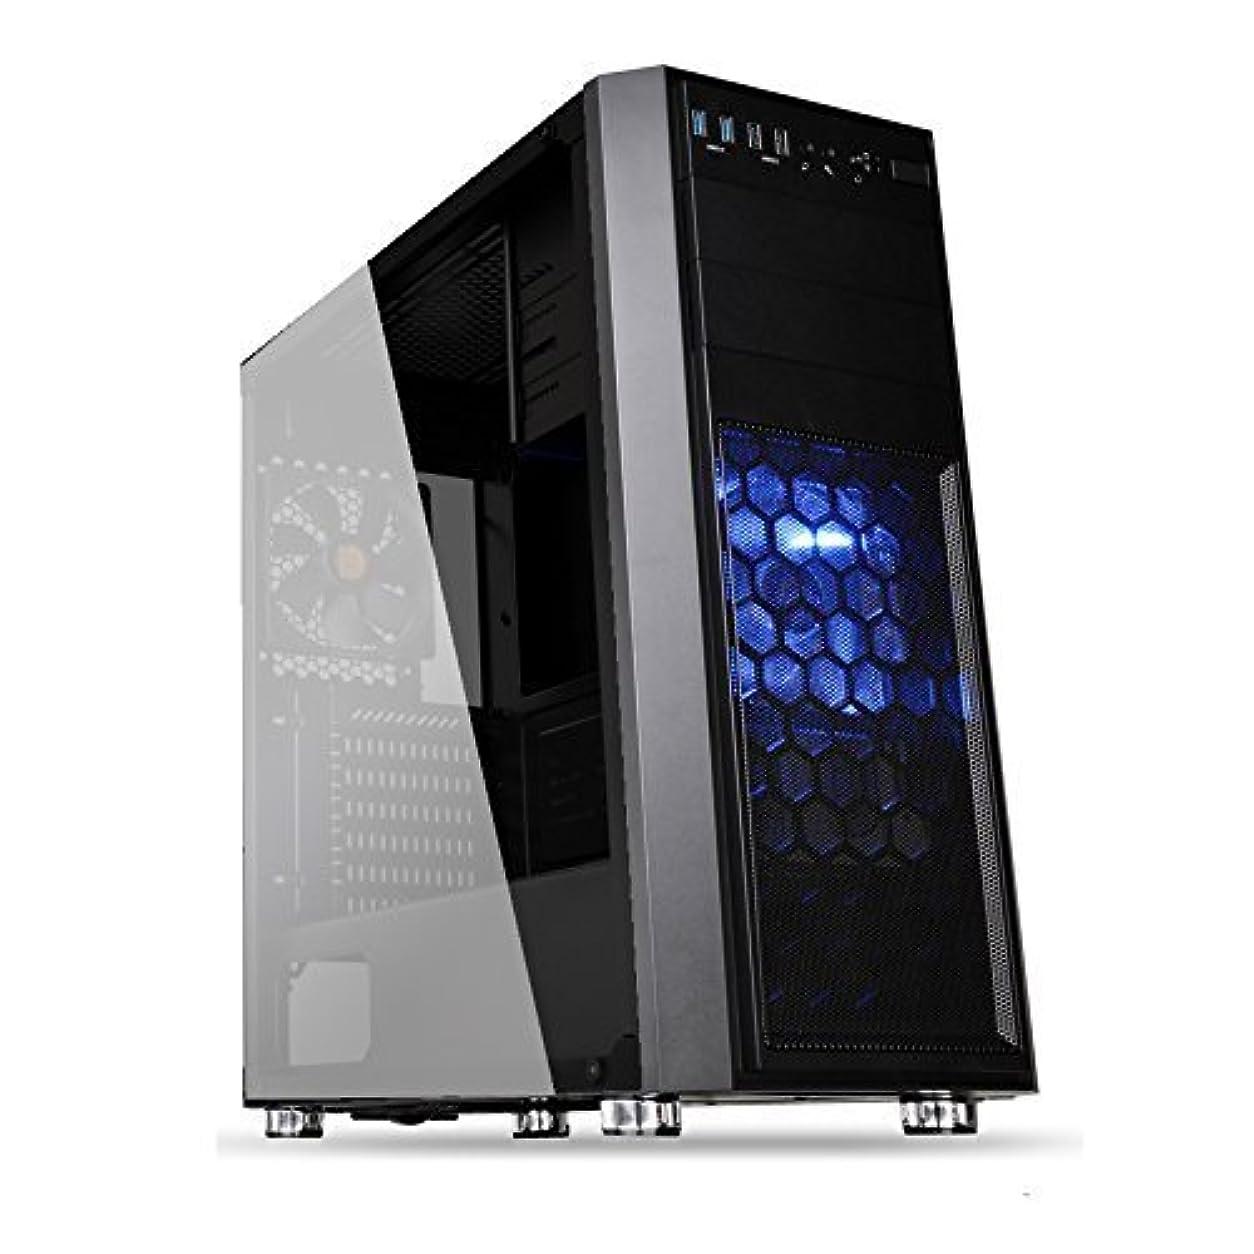 失うかなりアンティーク★最新(Coffee Lake 8世代)Core i7 8700k/Z370/メモリDDR4-16GB/SSD240GB/HDD-2TB/Z370/電源ユニット750w85PLUS/DVDマルチドライブ搭載/office/OS:windows10 pro/